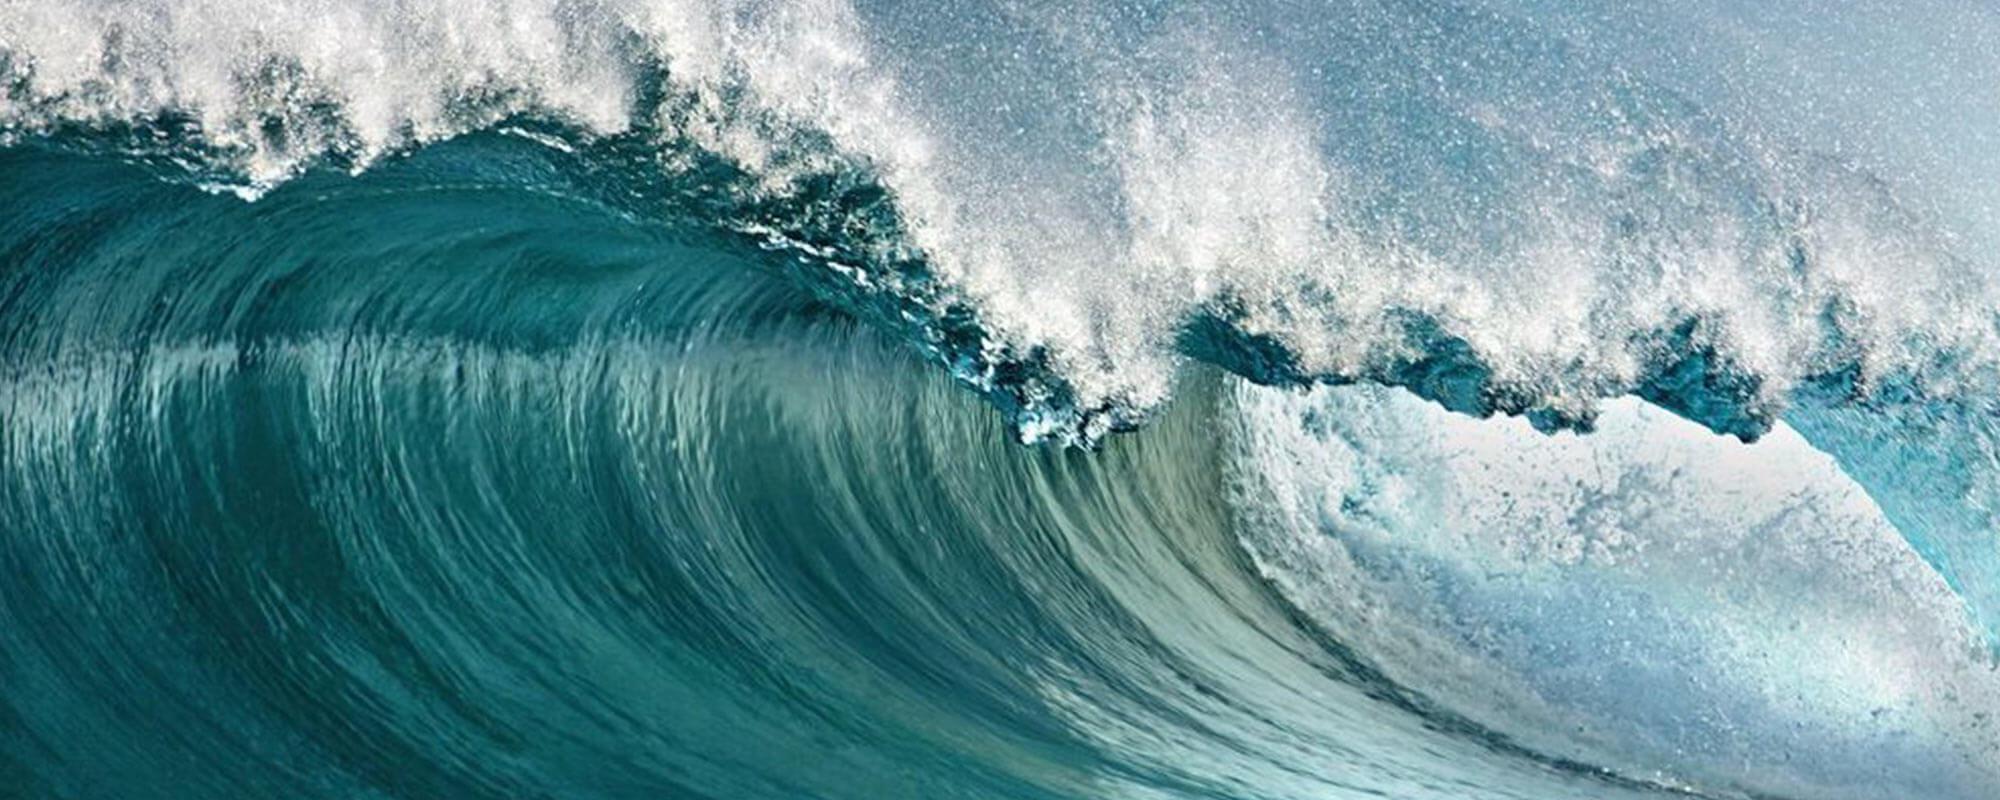 Continuum Wave